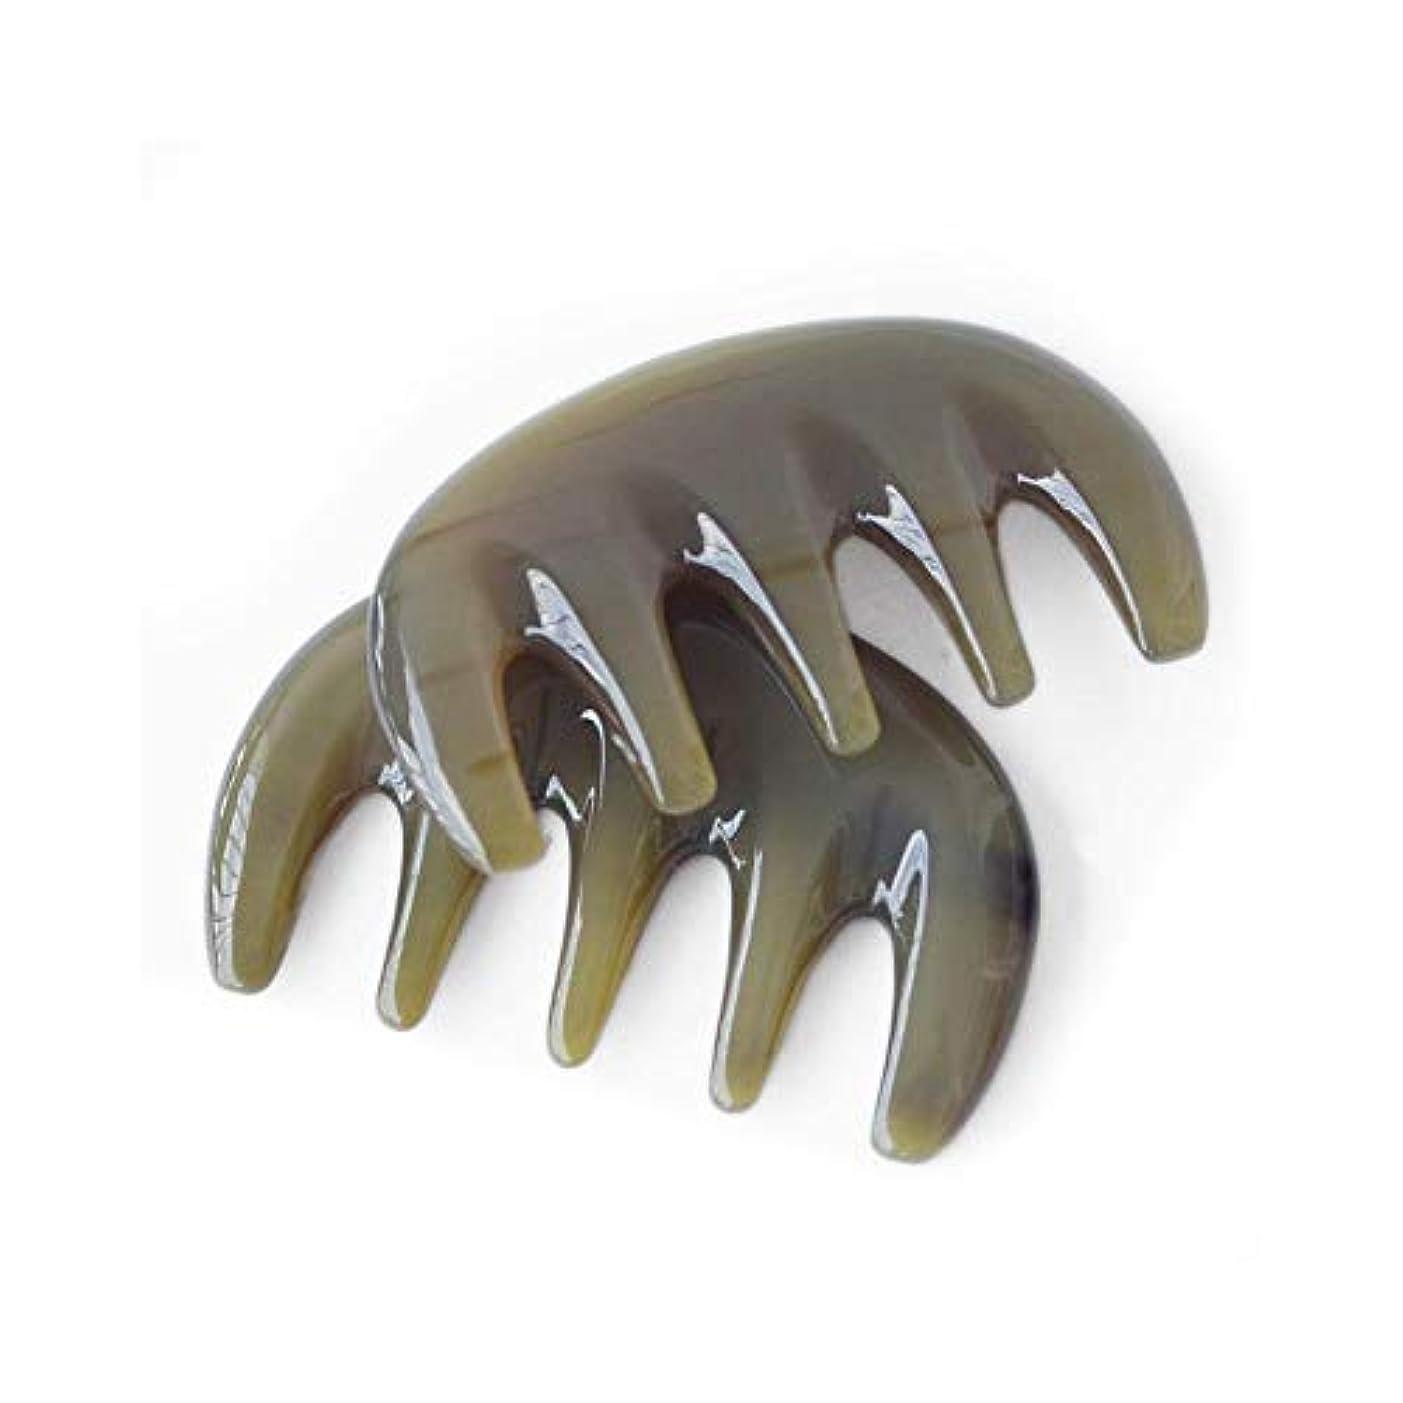 陰気遊具電球KEYI 男性のくしのために手作りのバッファローホーンくしない静的ナチュラルサンダルウッドくしワイド歯櫛